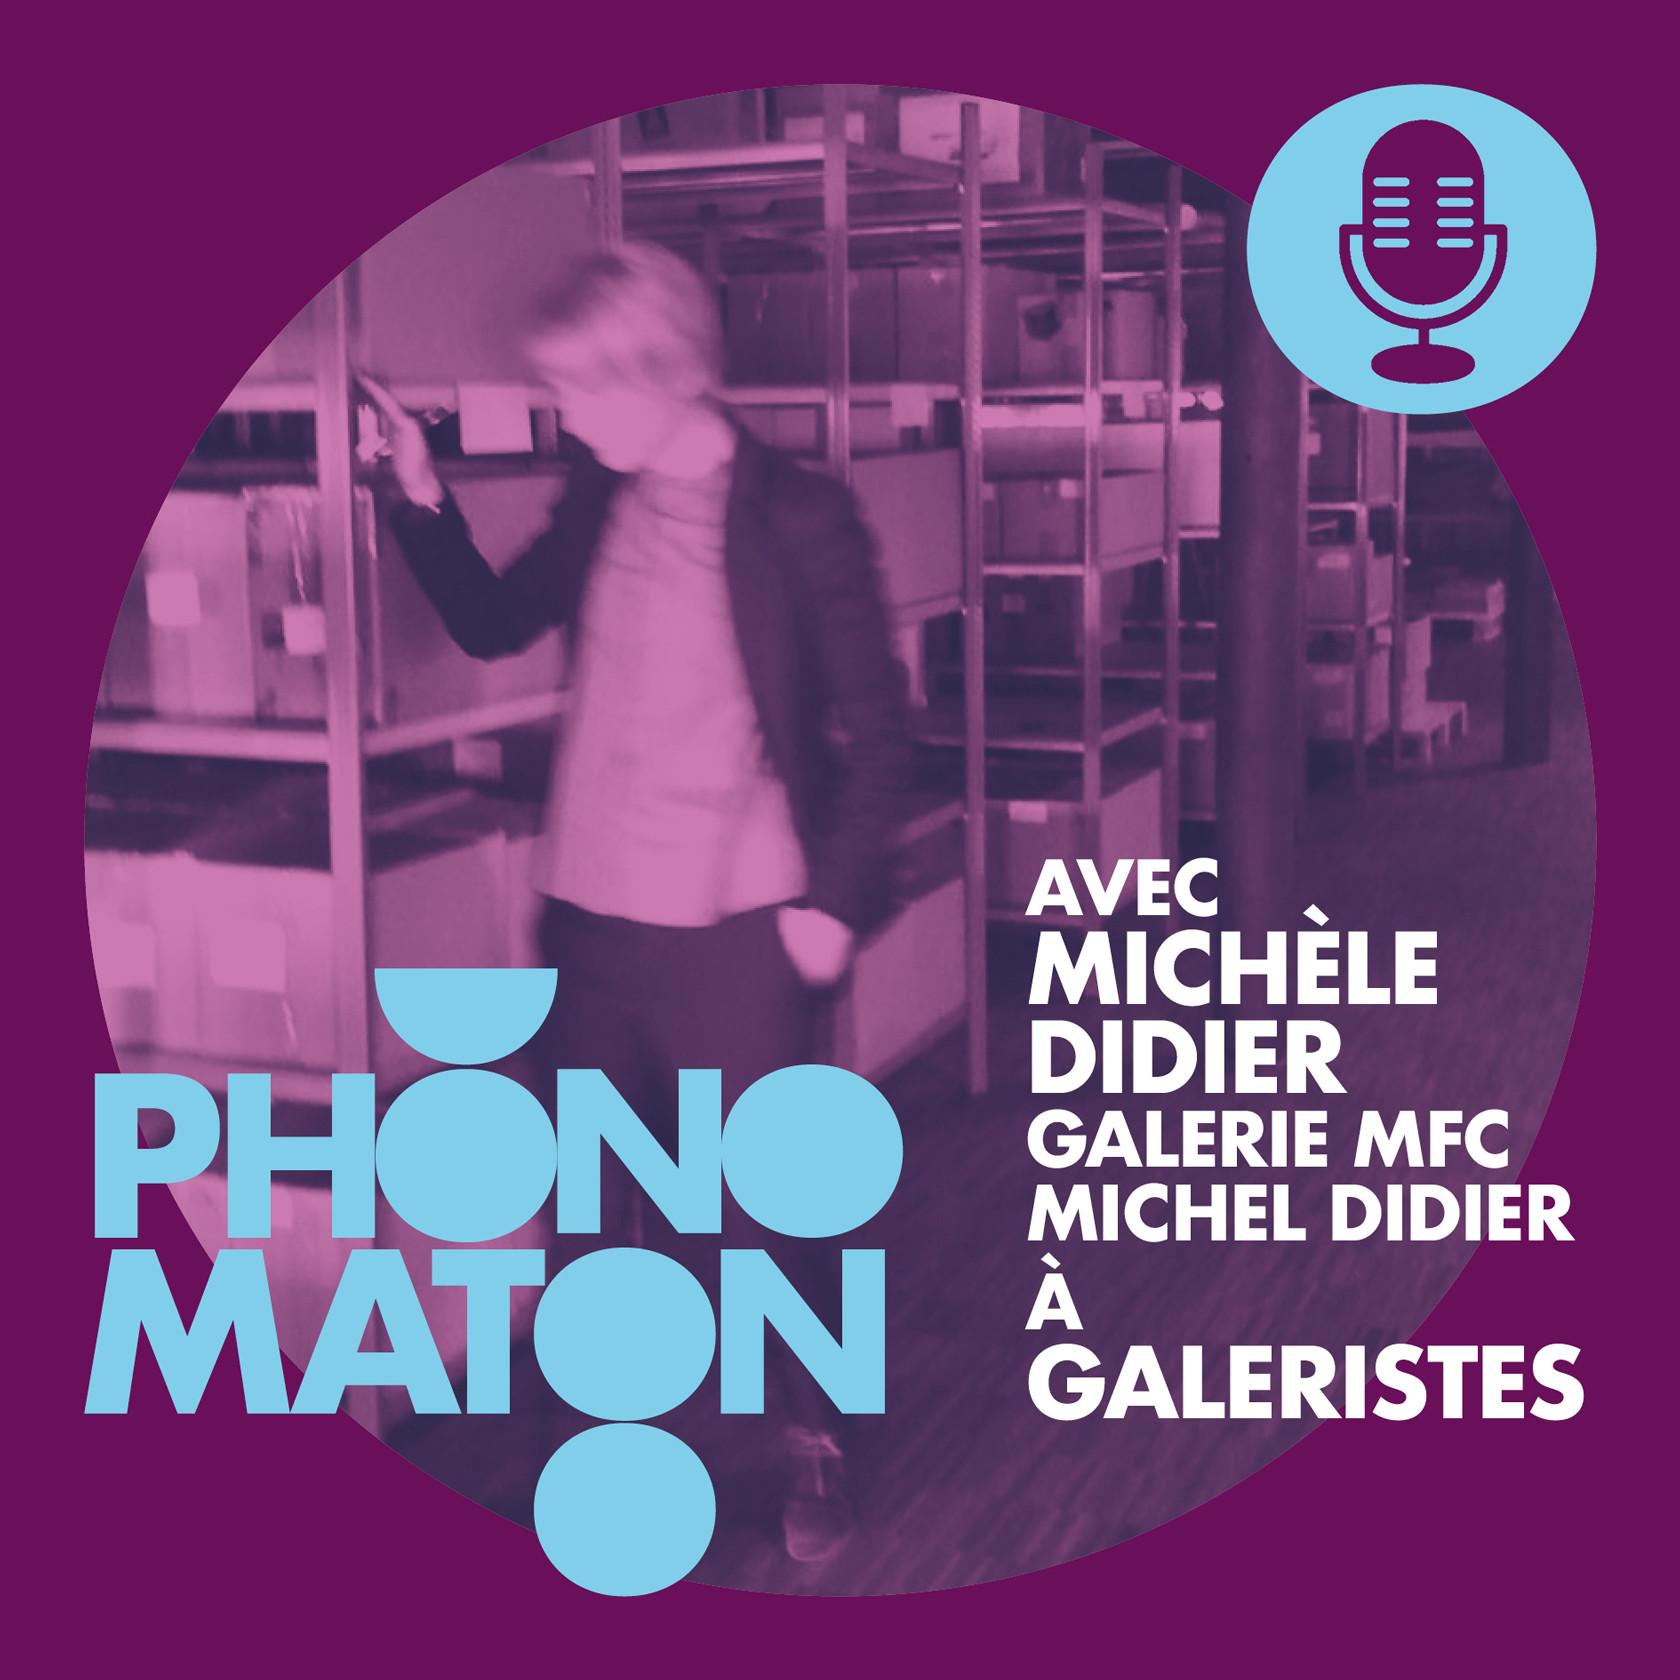 Phonomaton avec Michèle Didier, galerie MFC-Michèle Didier, à Galeristes